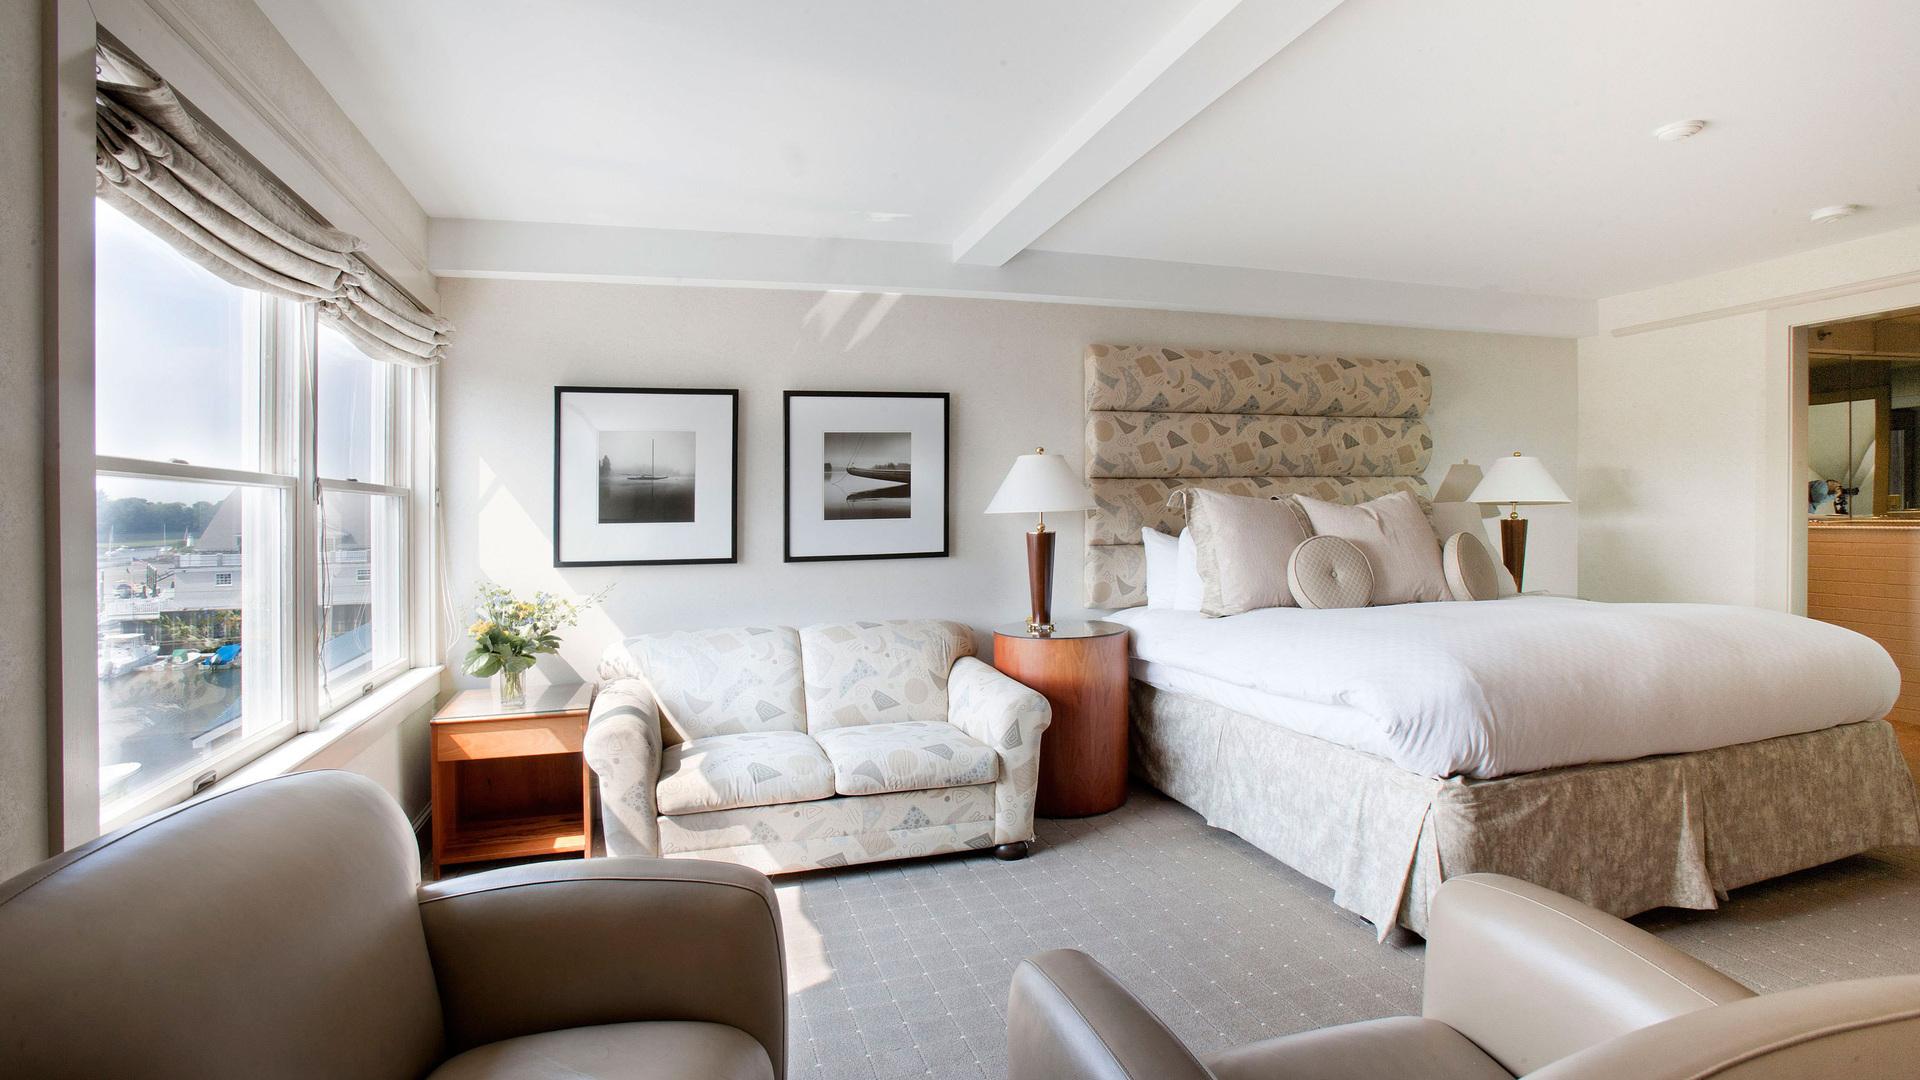 Фото интерьер спальни с диваном